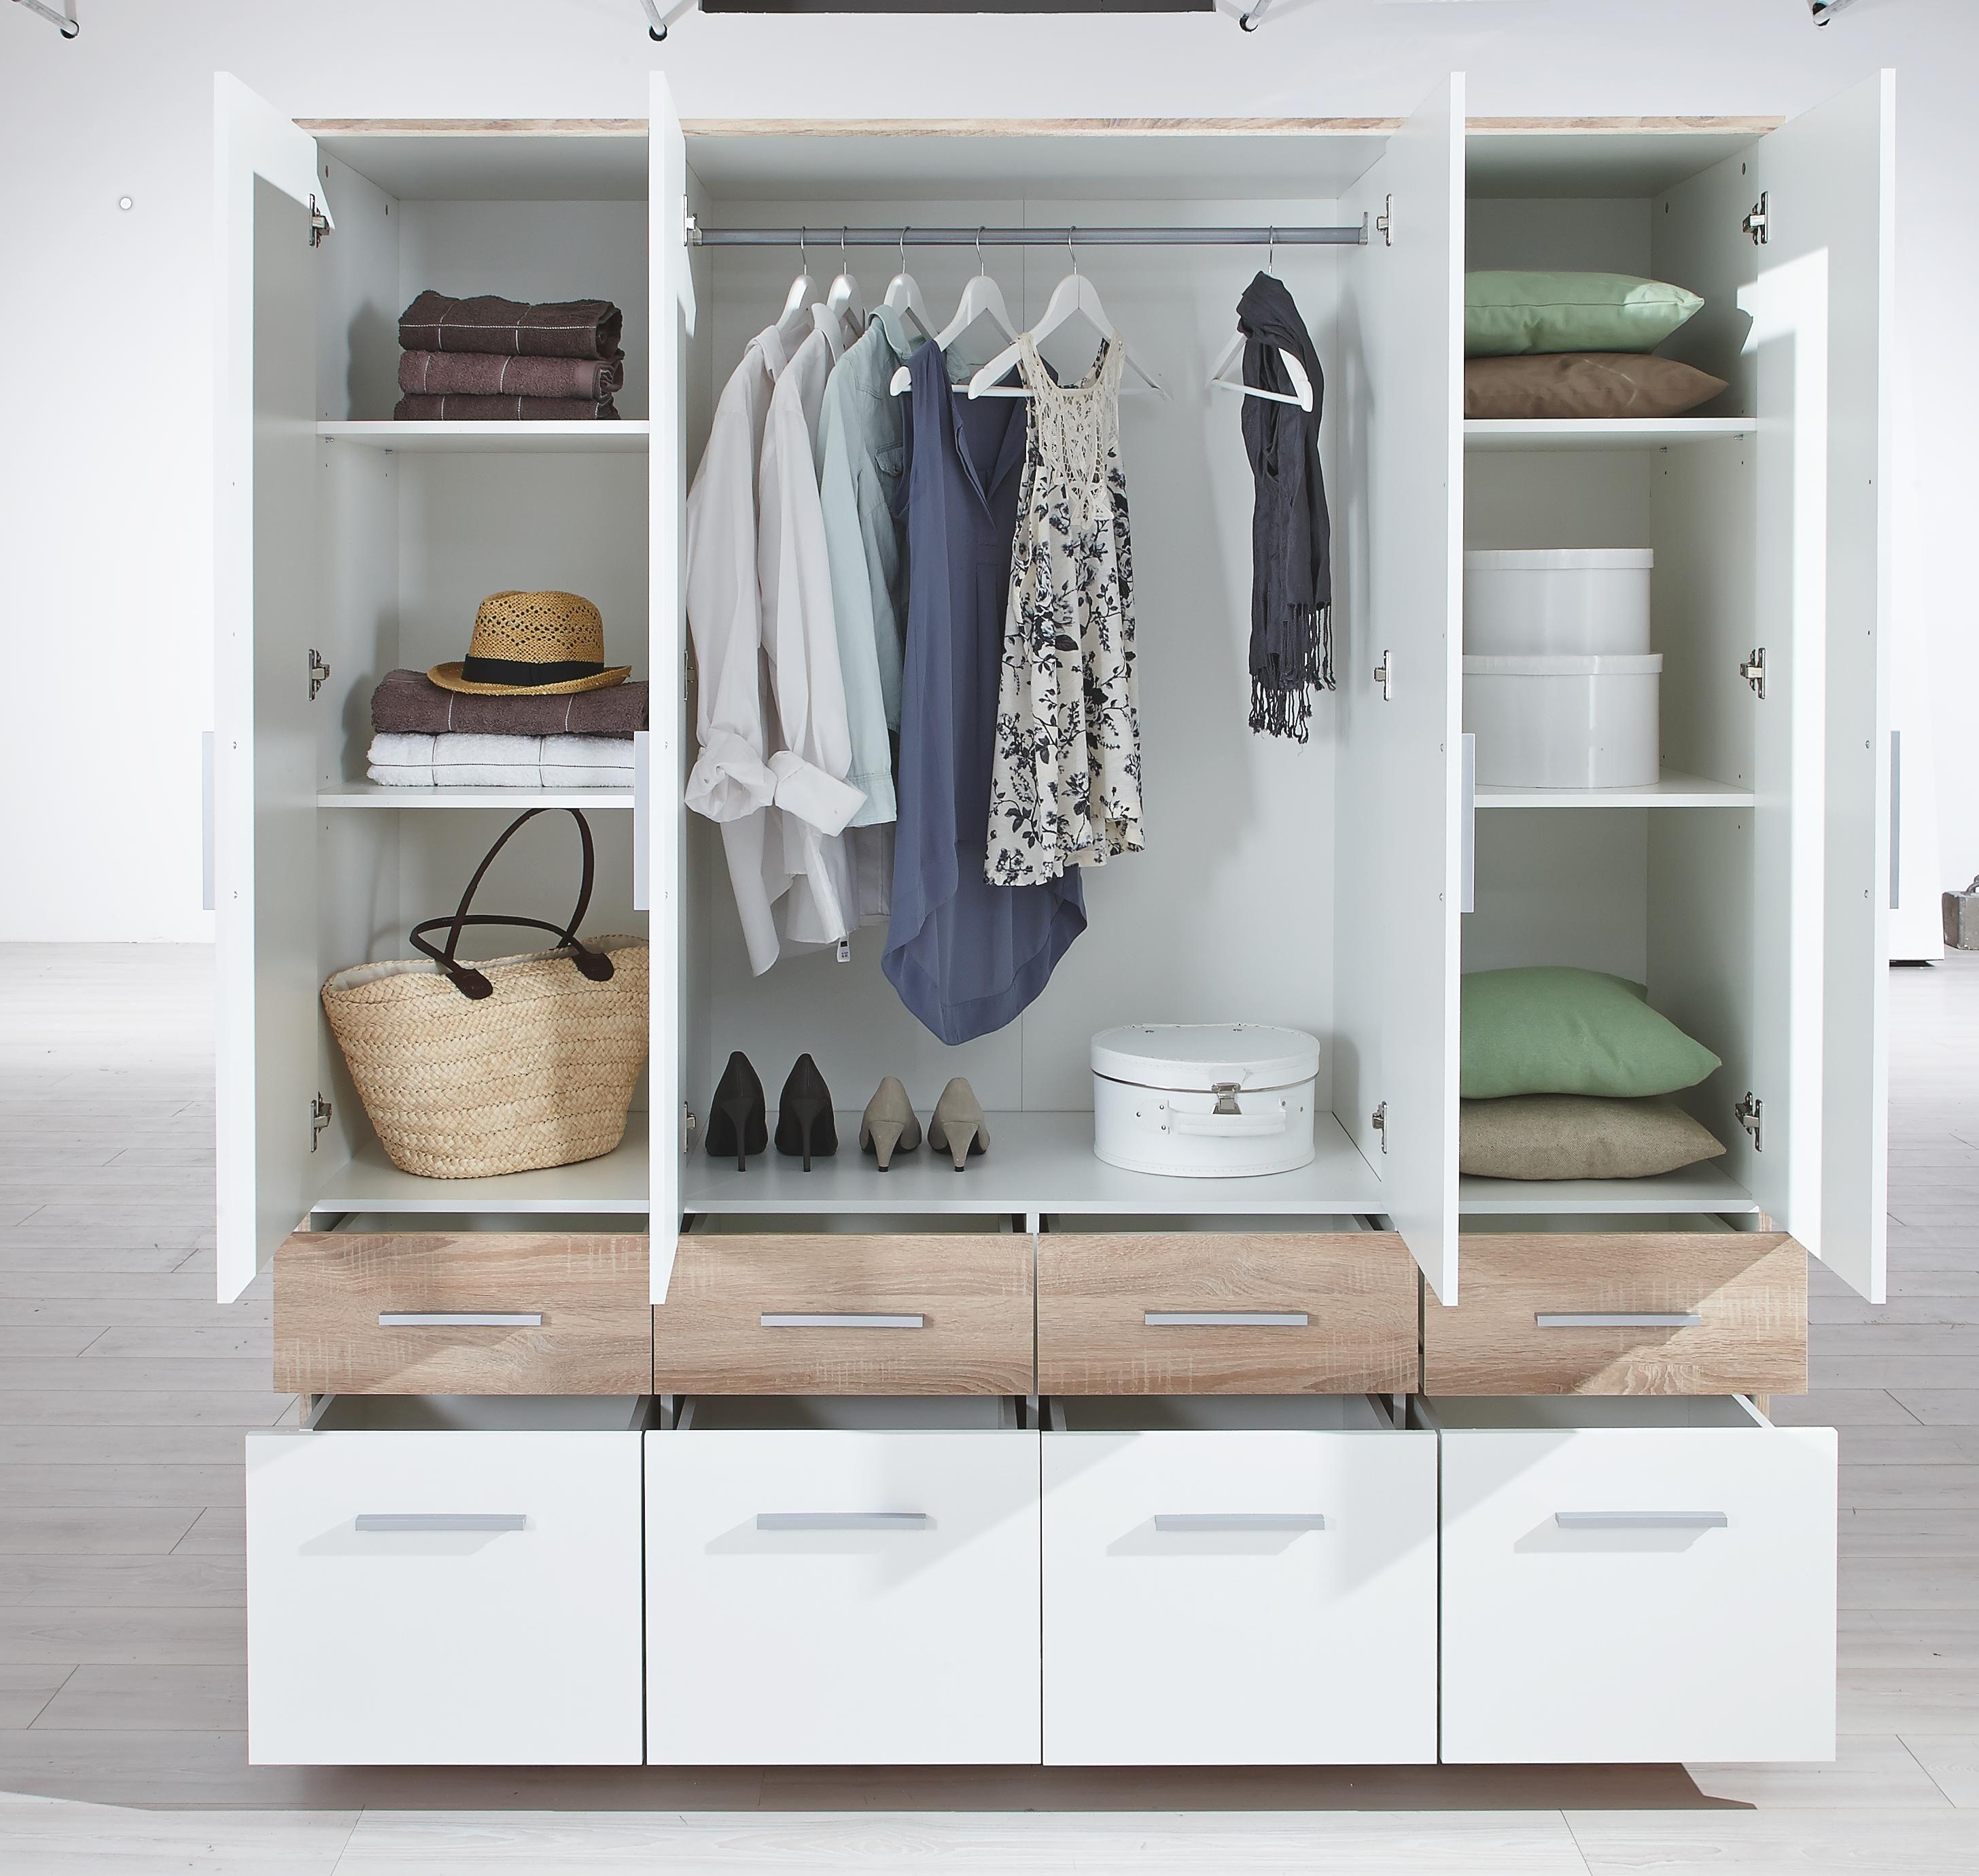 In dem raffinierten Kleiderschrank finden Ihre Klamotten